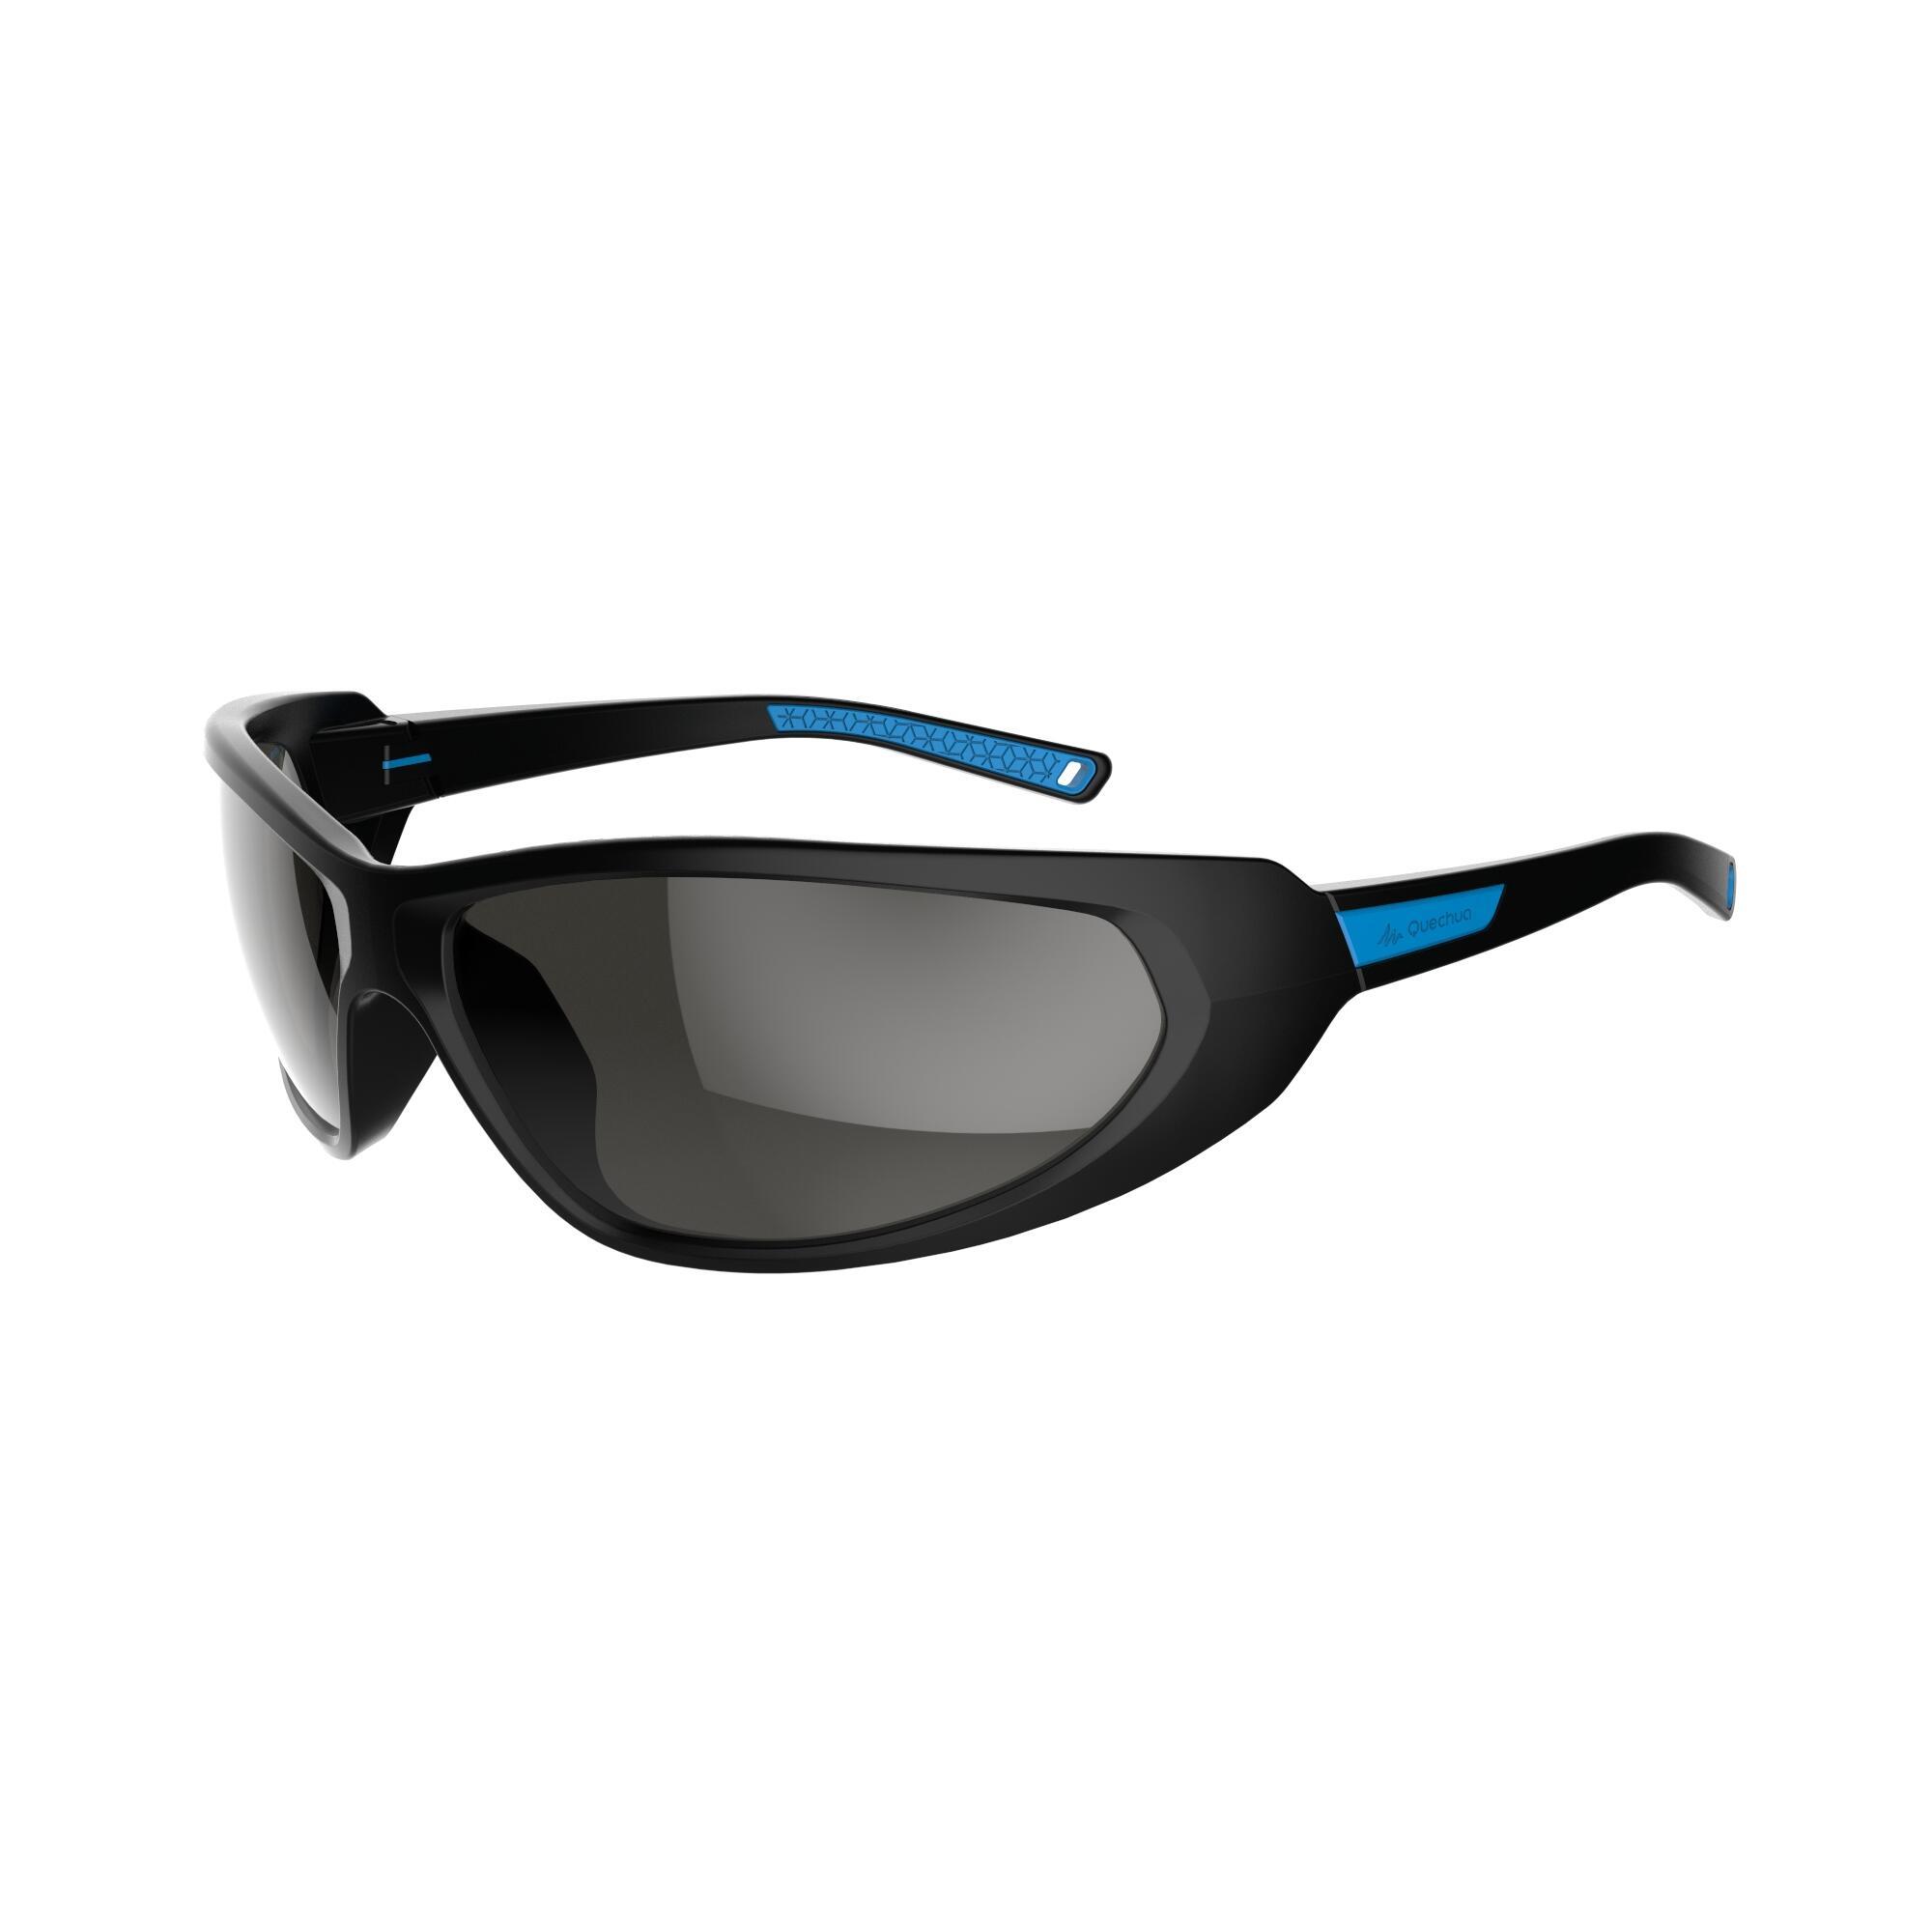 af0cf19b62 Gafas de sol de senderismo adulto MH550 negro y azul categoría 4 Quechua |  Decathlon